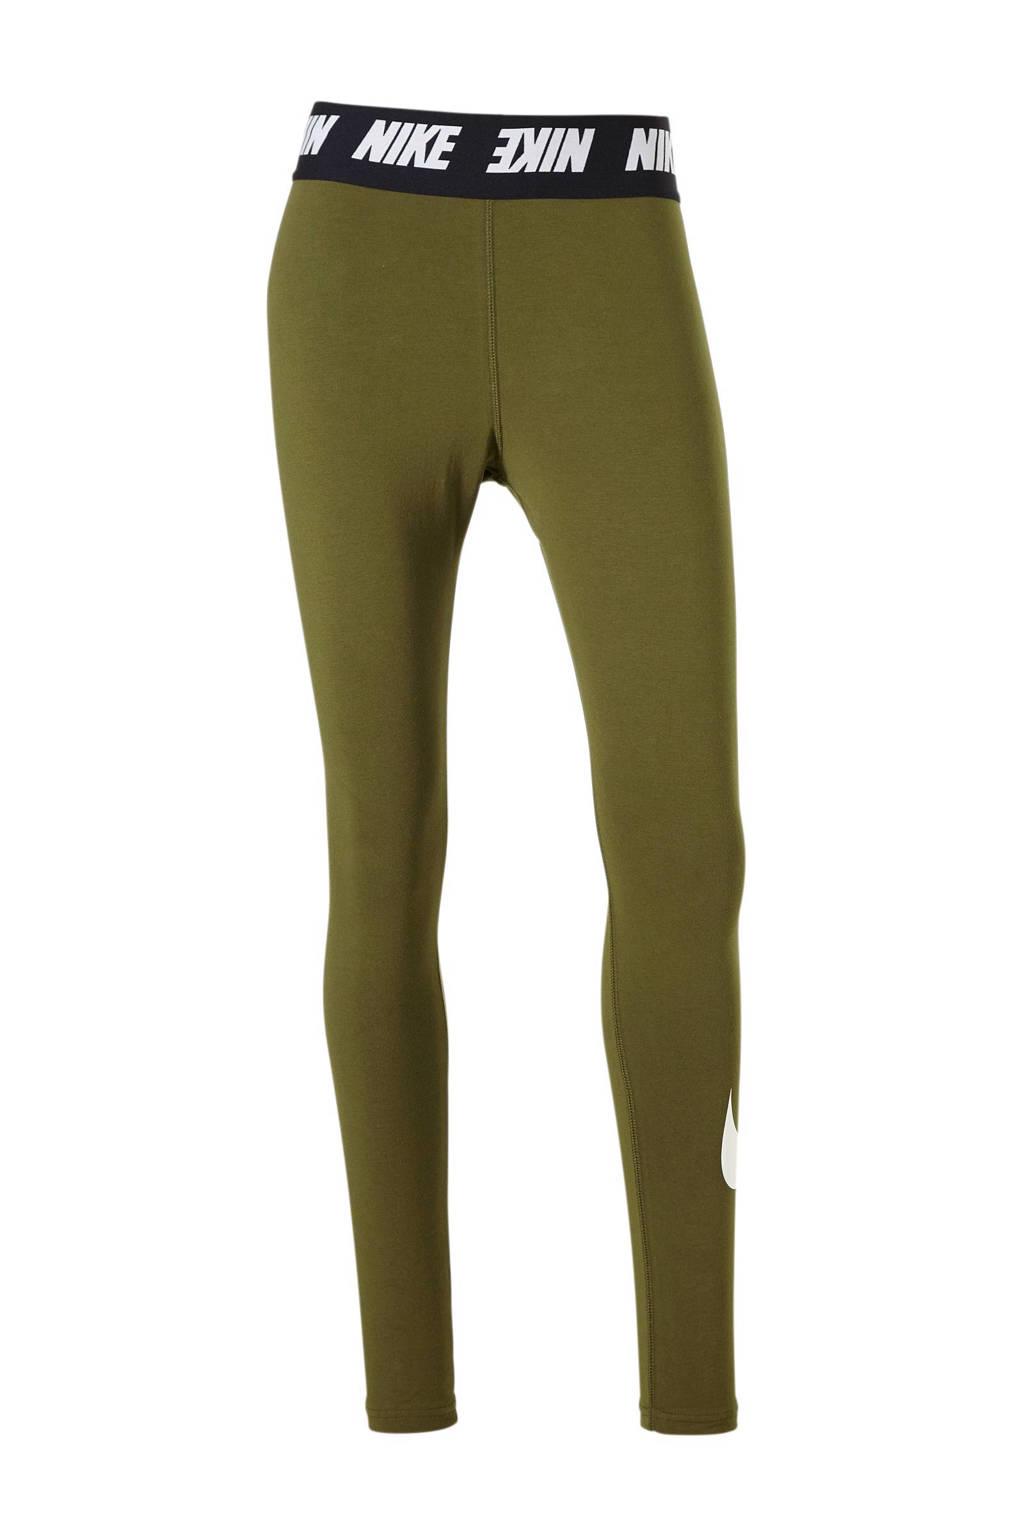 Nike 7/8 sportbroek olijfgroen, Olijfgroen